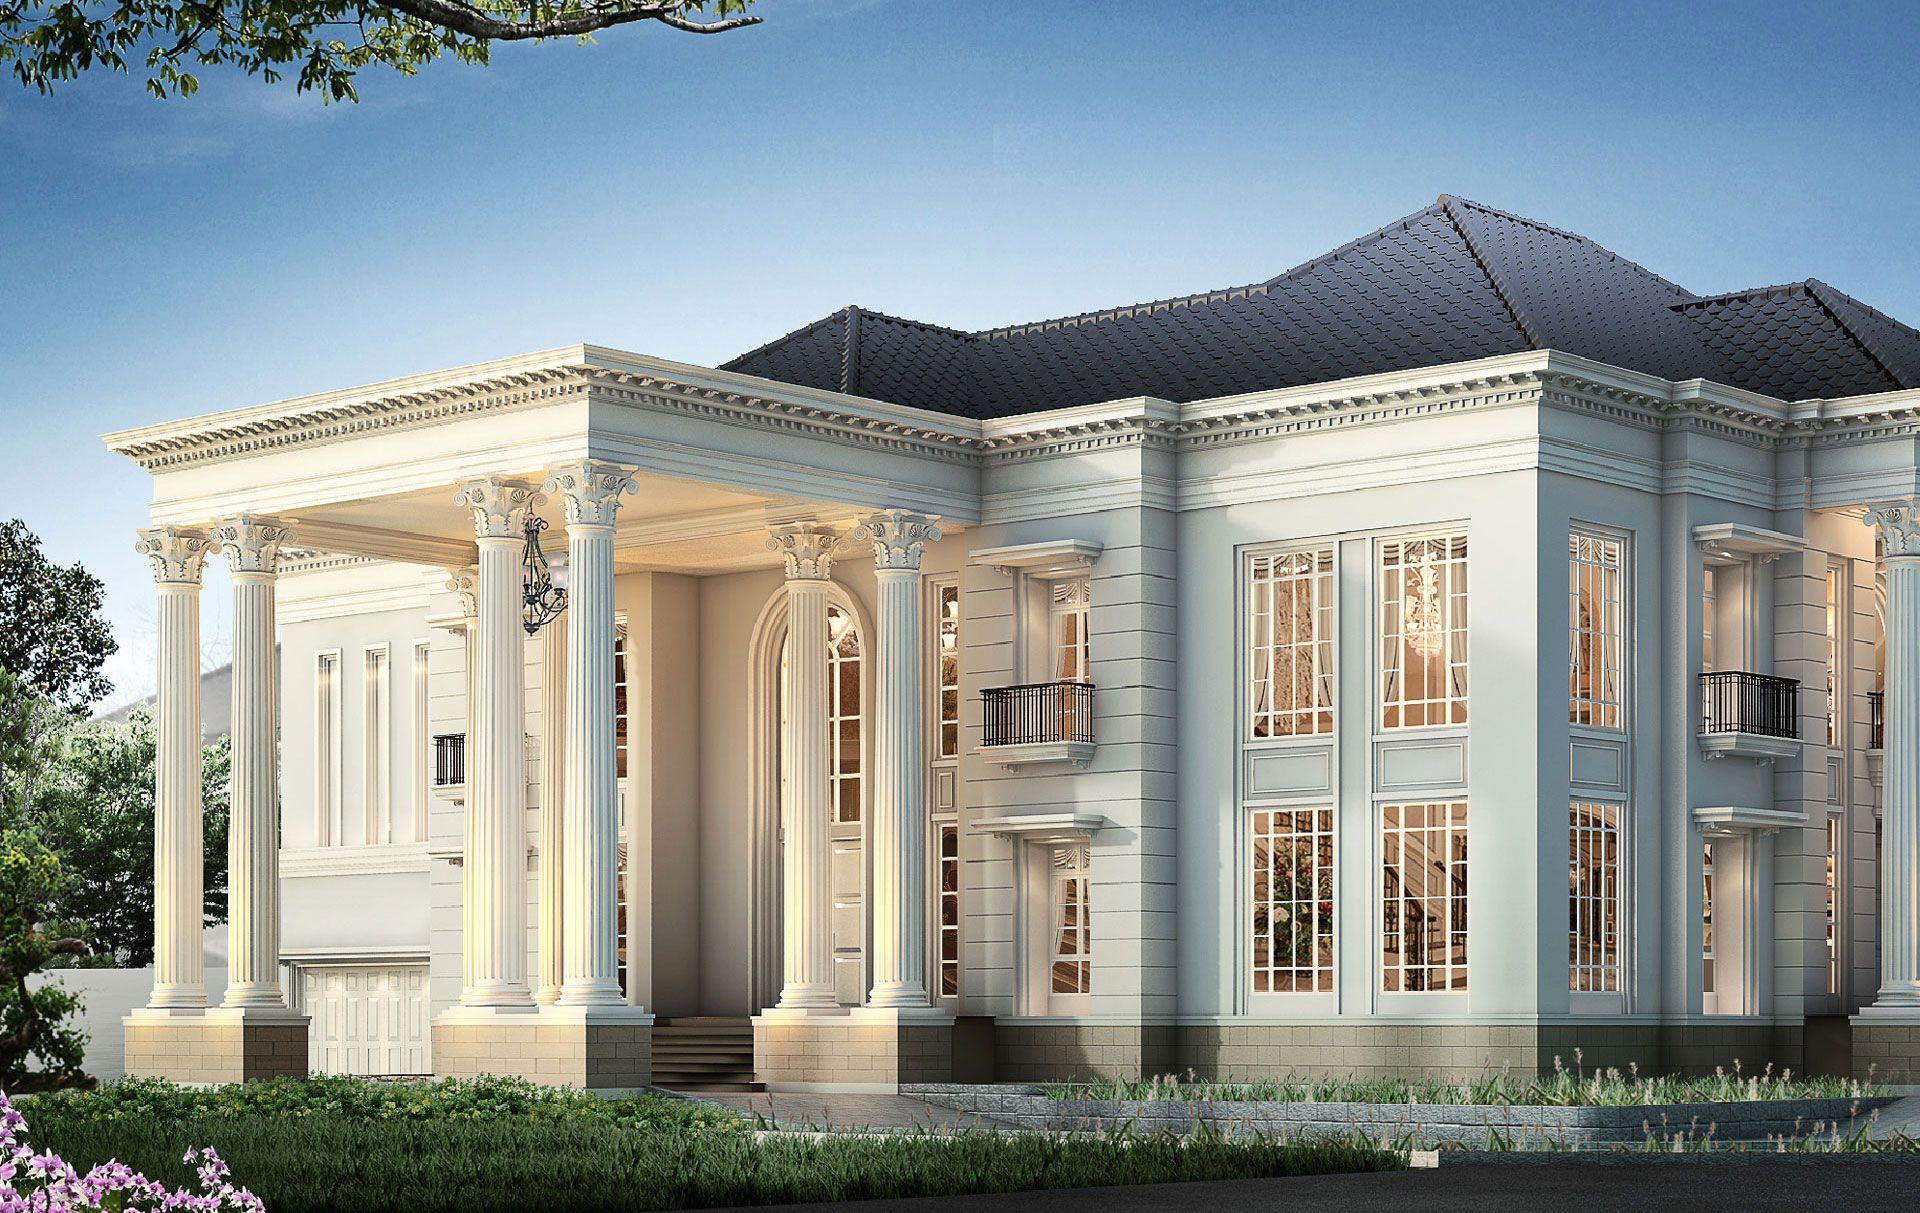 Rumah Klasik Home Rumah Mewah Arsitektur Gaya Rumah